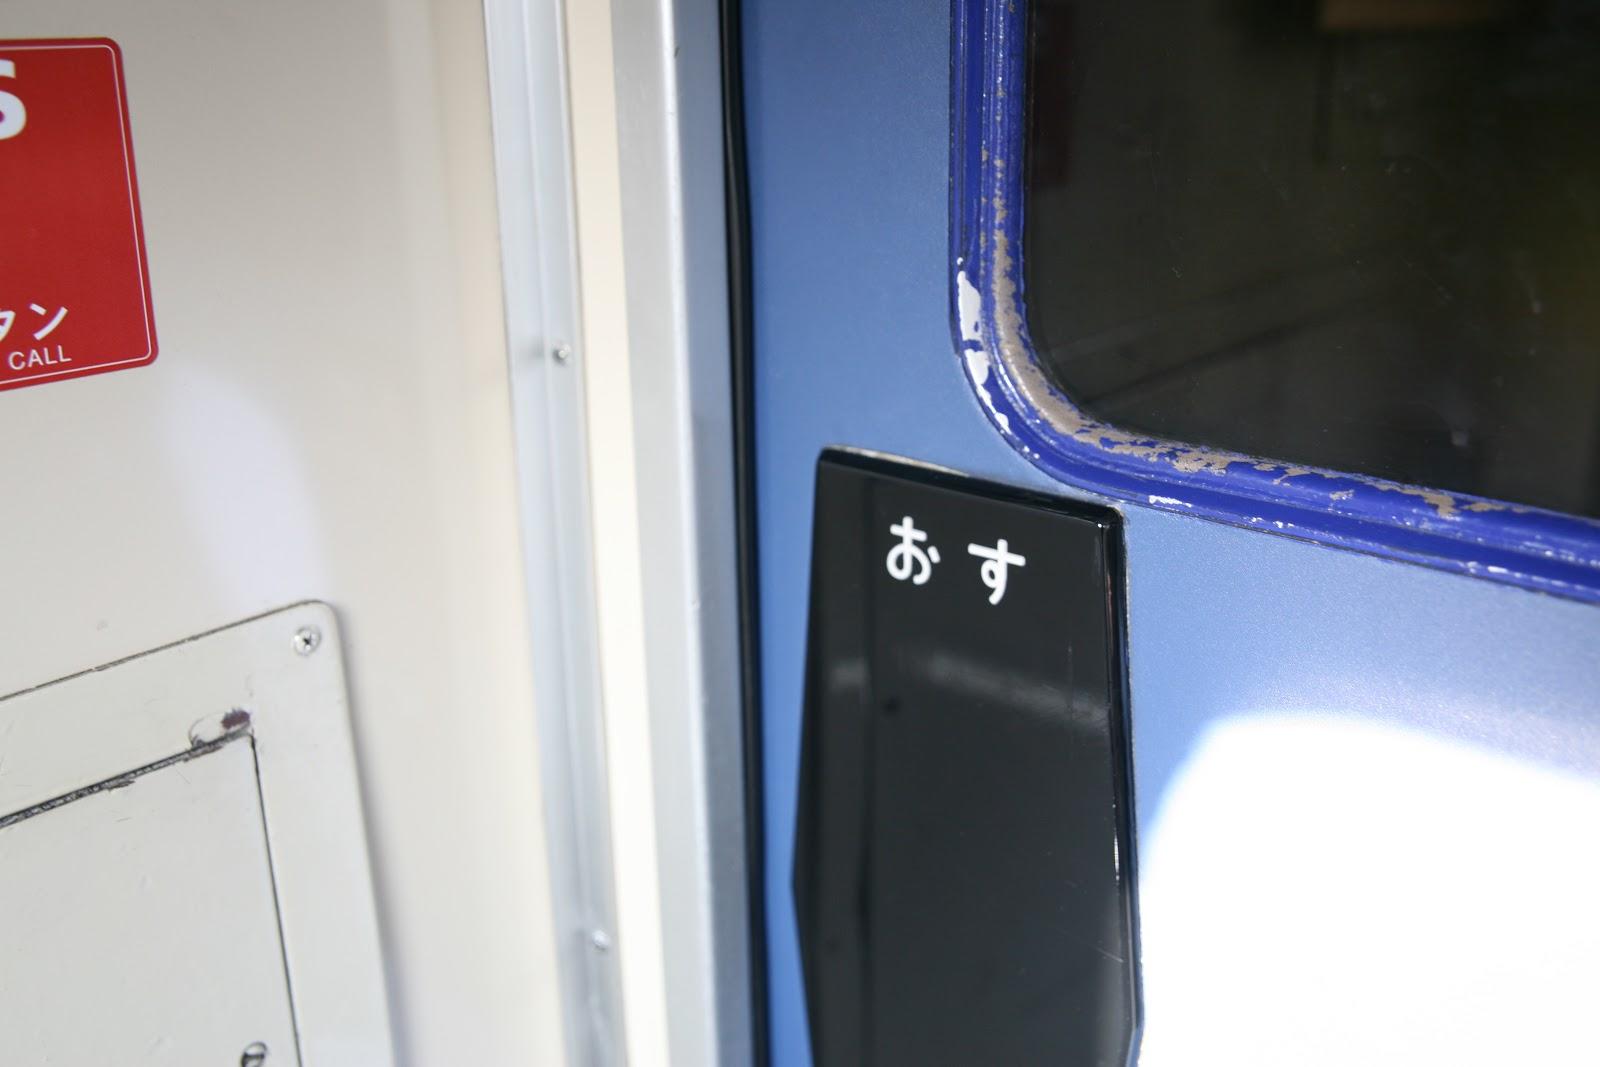 ドアと「おす」の文字